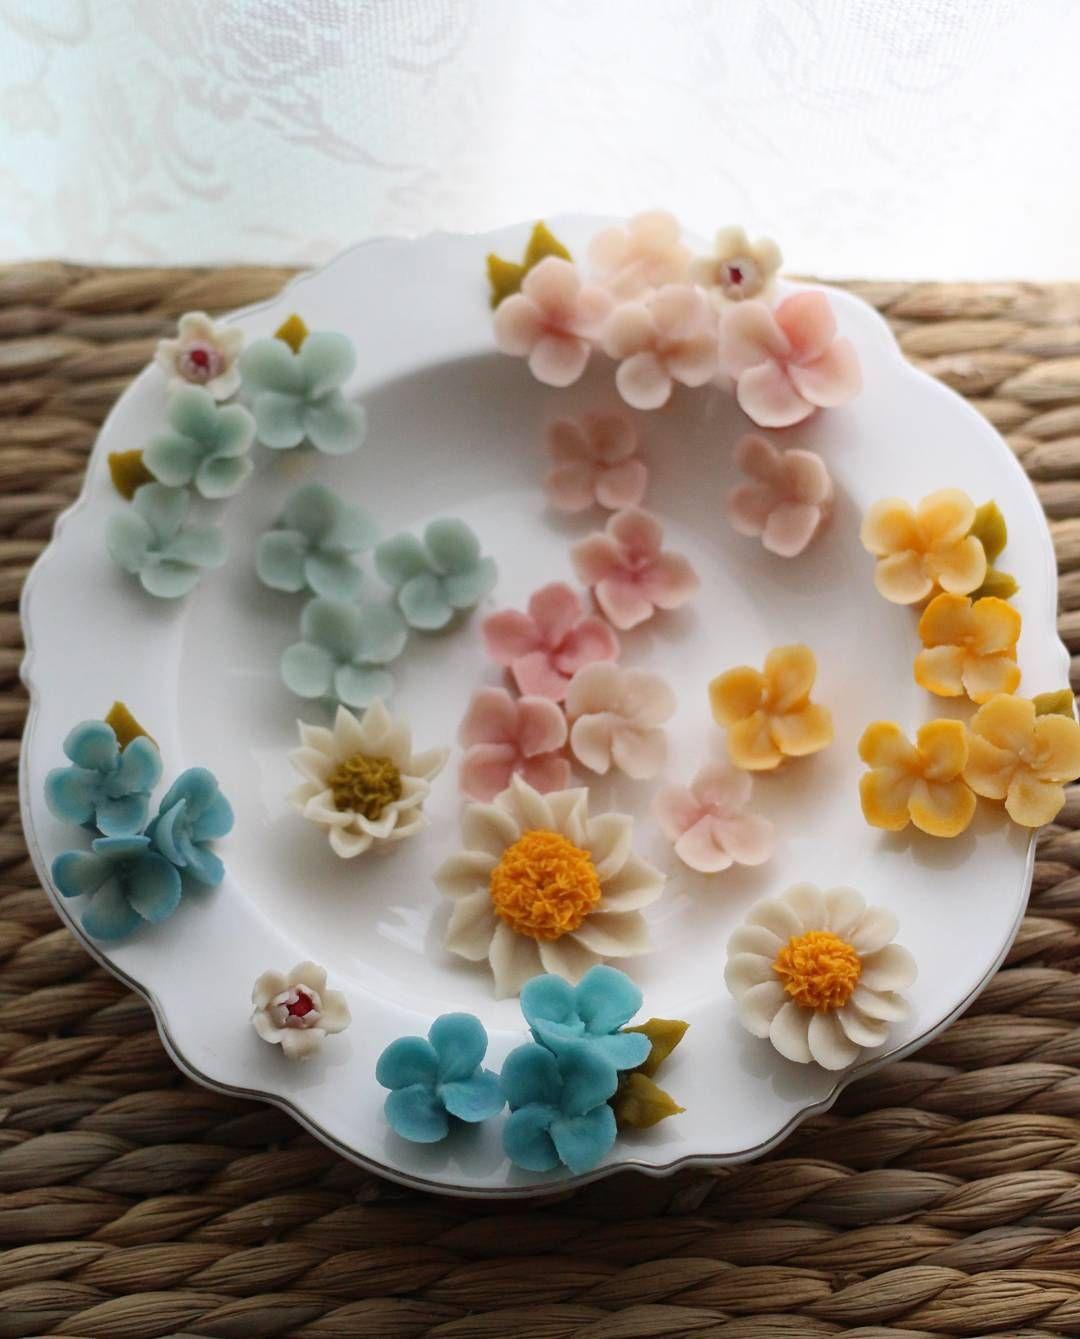 수업 후  수국 짜기^^ #대구플라워케이크 #대구꽃배움반 #대구앙금플라워 #대구앙금꽃배움반 #대구앙금플라워떡케이크 #플라워케이크 #flower #flowers #flowercake #작약 #beanflower #atelierryeo #떡케이크 #대구플라워케익 #캐논100d #캐논사진 #홍화 #앙금플라워떡케이크 #양귀비 #앙금레이스 #フラワーケーキ #花蛋糕 #대구앙금오브제 #naturalpowder #앙금도일리레이스 #2단케이크 #koreacake #koreaflowercake #와라타 #앙금오브제